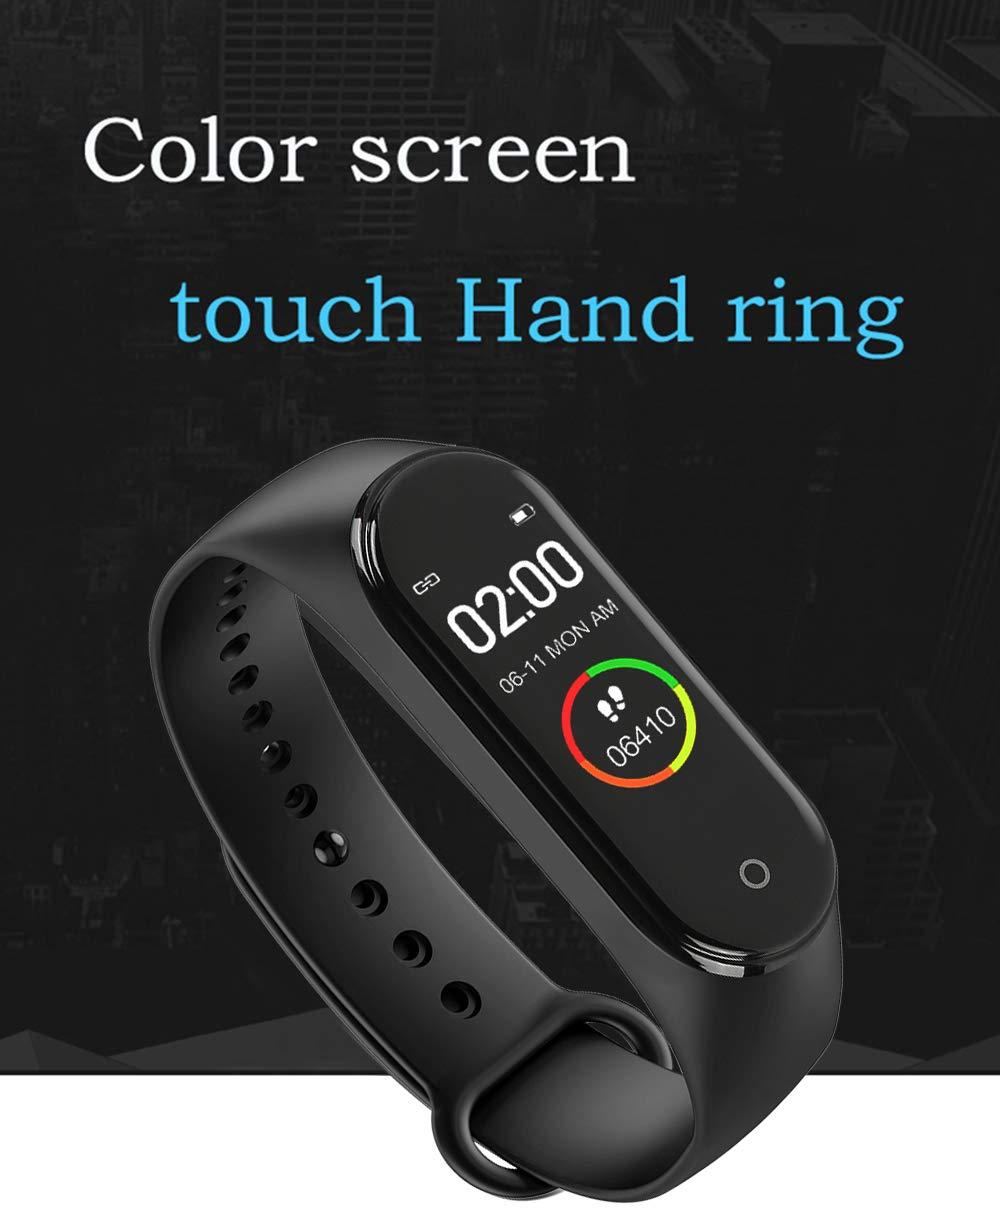 BATHRINS Pulsera Inteligente, [actualización] M4 Fitness Tracker, Impermeable Bluetooth Actividad Tracker Monitor de Ritmo cardíaco Monitor de sueño Podómetro Paso Reloj para Hombres y Mujeres 3